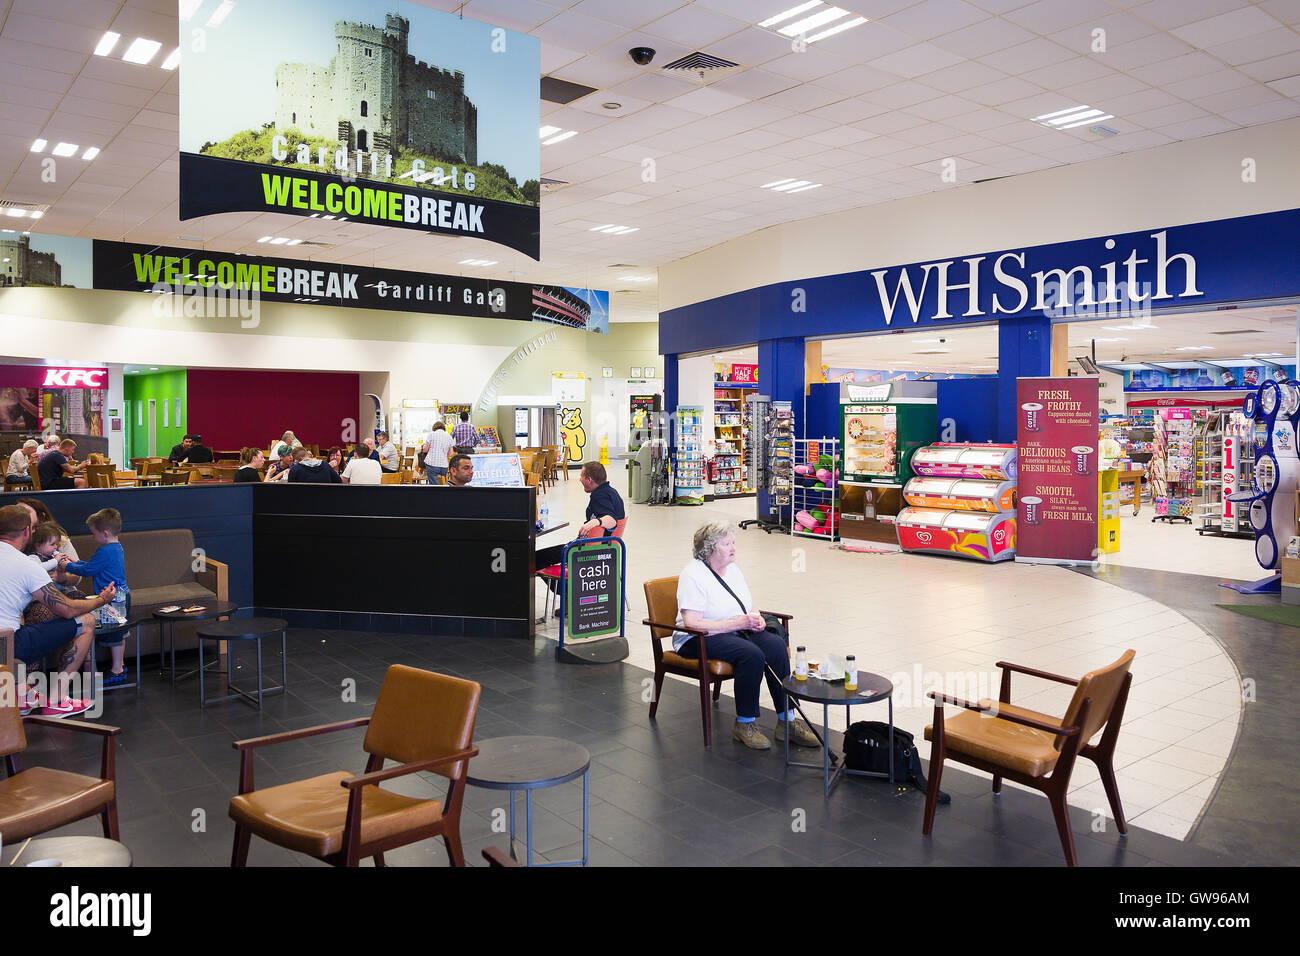 À l'intérieur de Cardiff Gate Welcom Pause station-service sur l'autoroute M4 dans le sud du Pays de Galles UK Banque D'Images